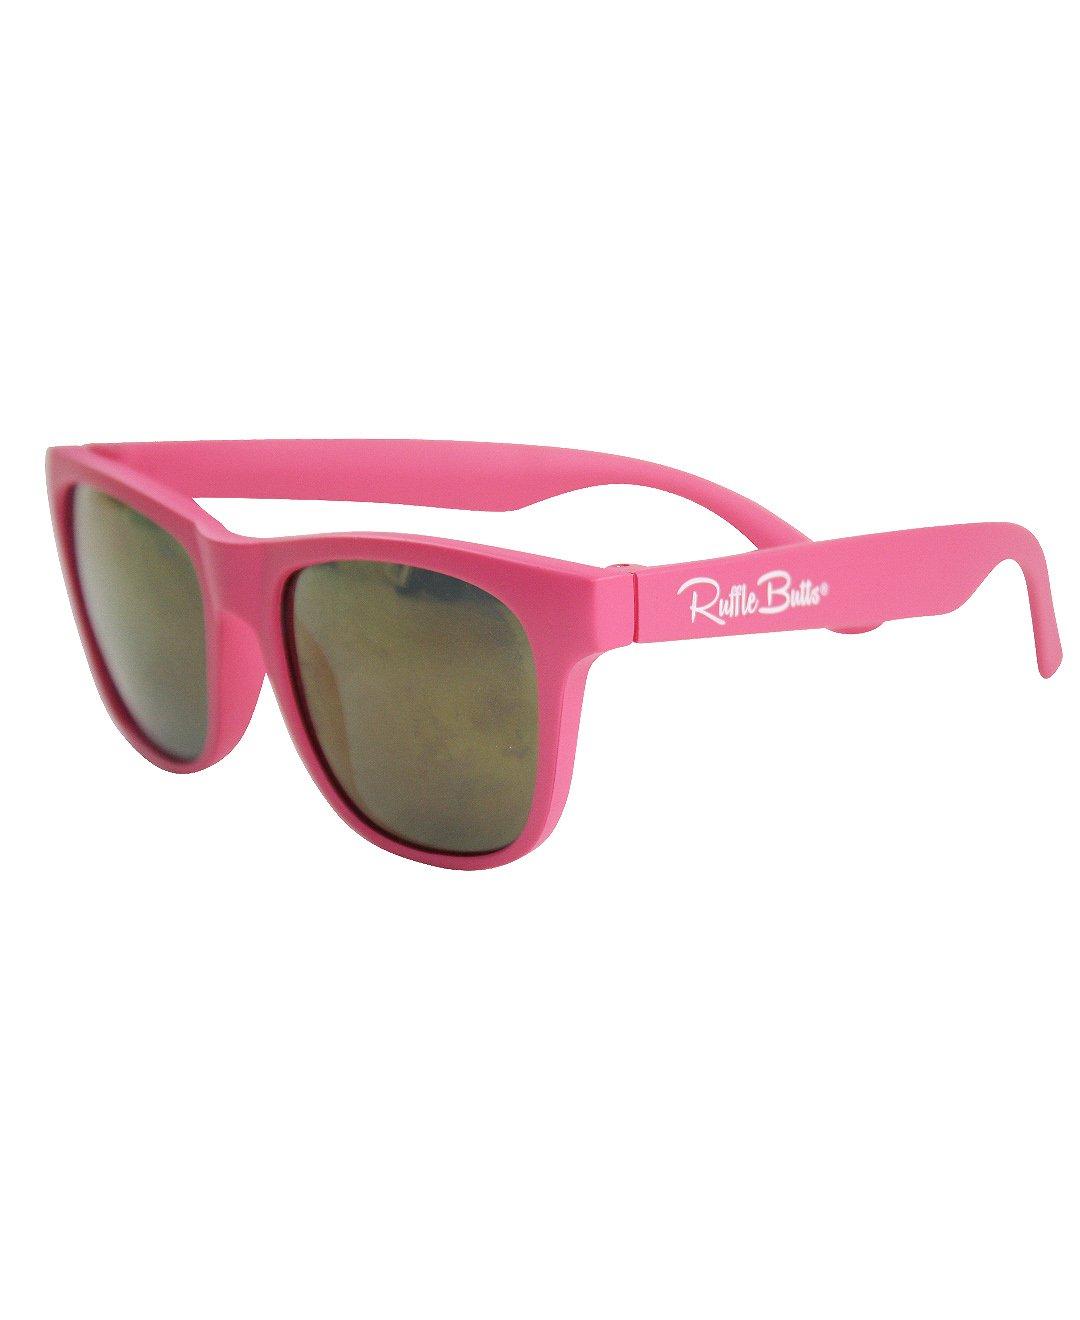 RuffleButts Little Girls Boys Flexible Shatter-Resistant 100% UVA & UVB Protection Kids Sunglasses - Candy - 2T-5